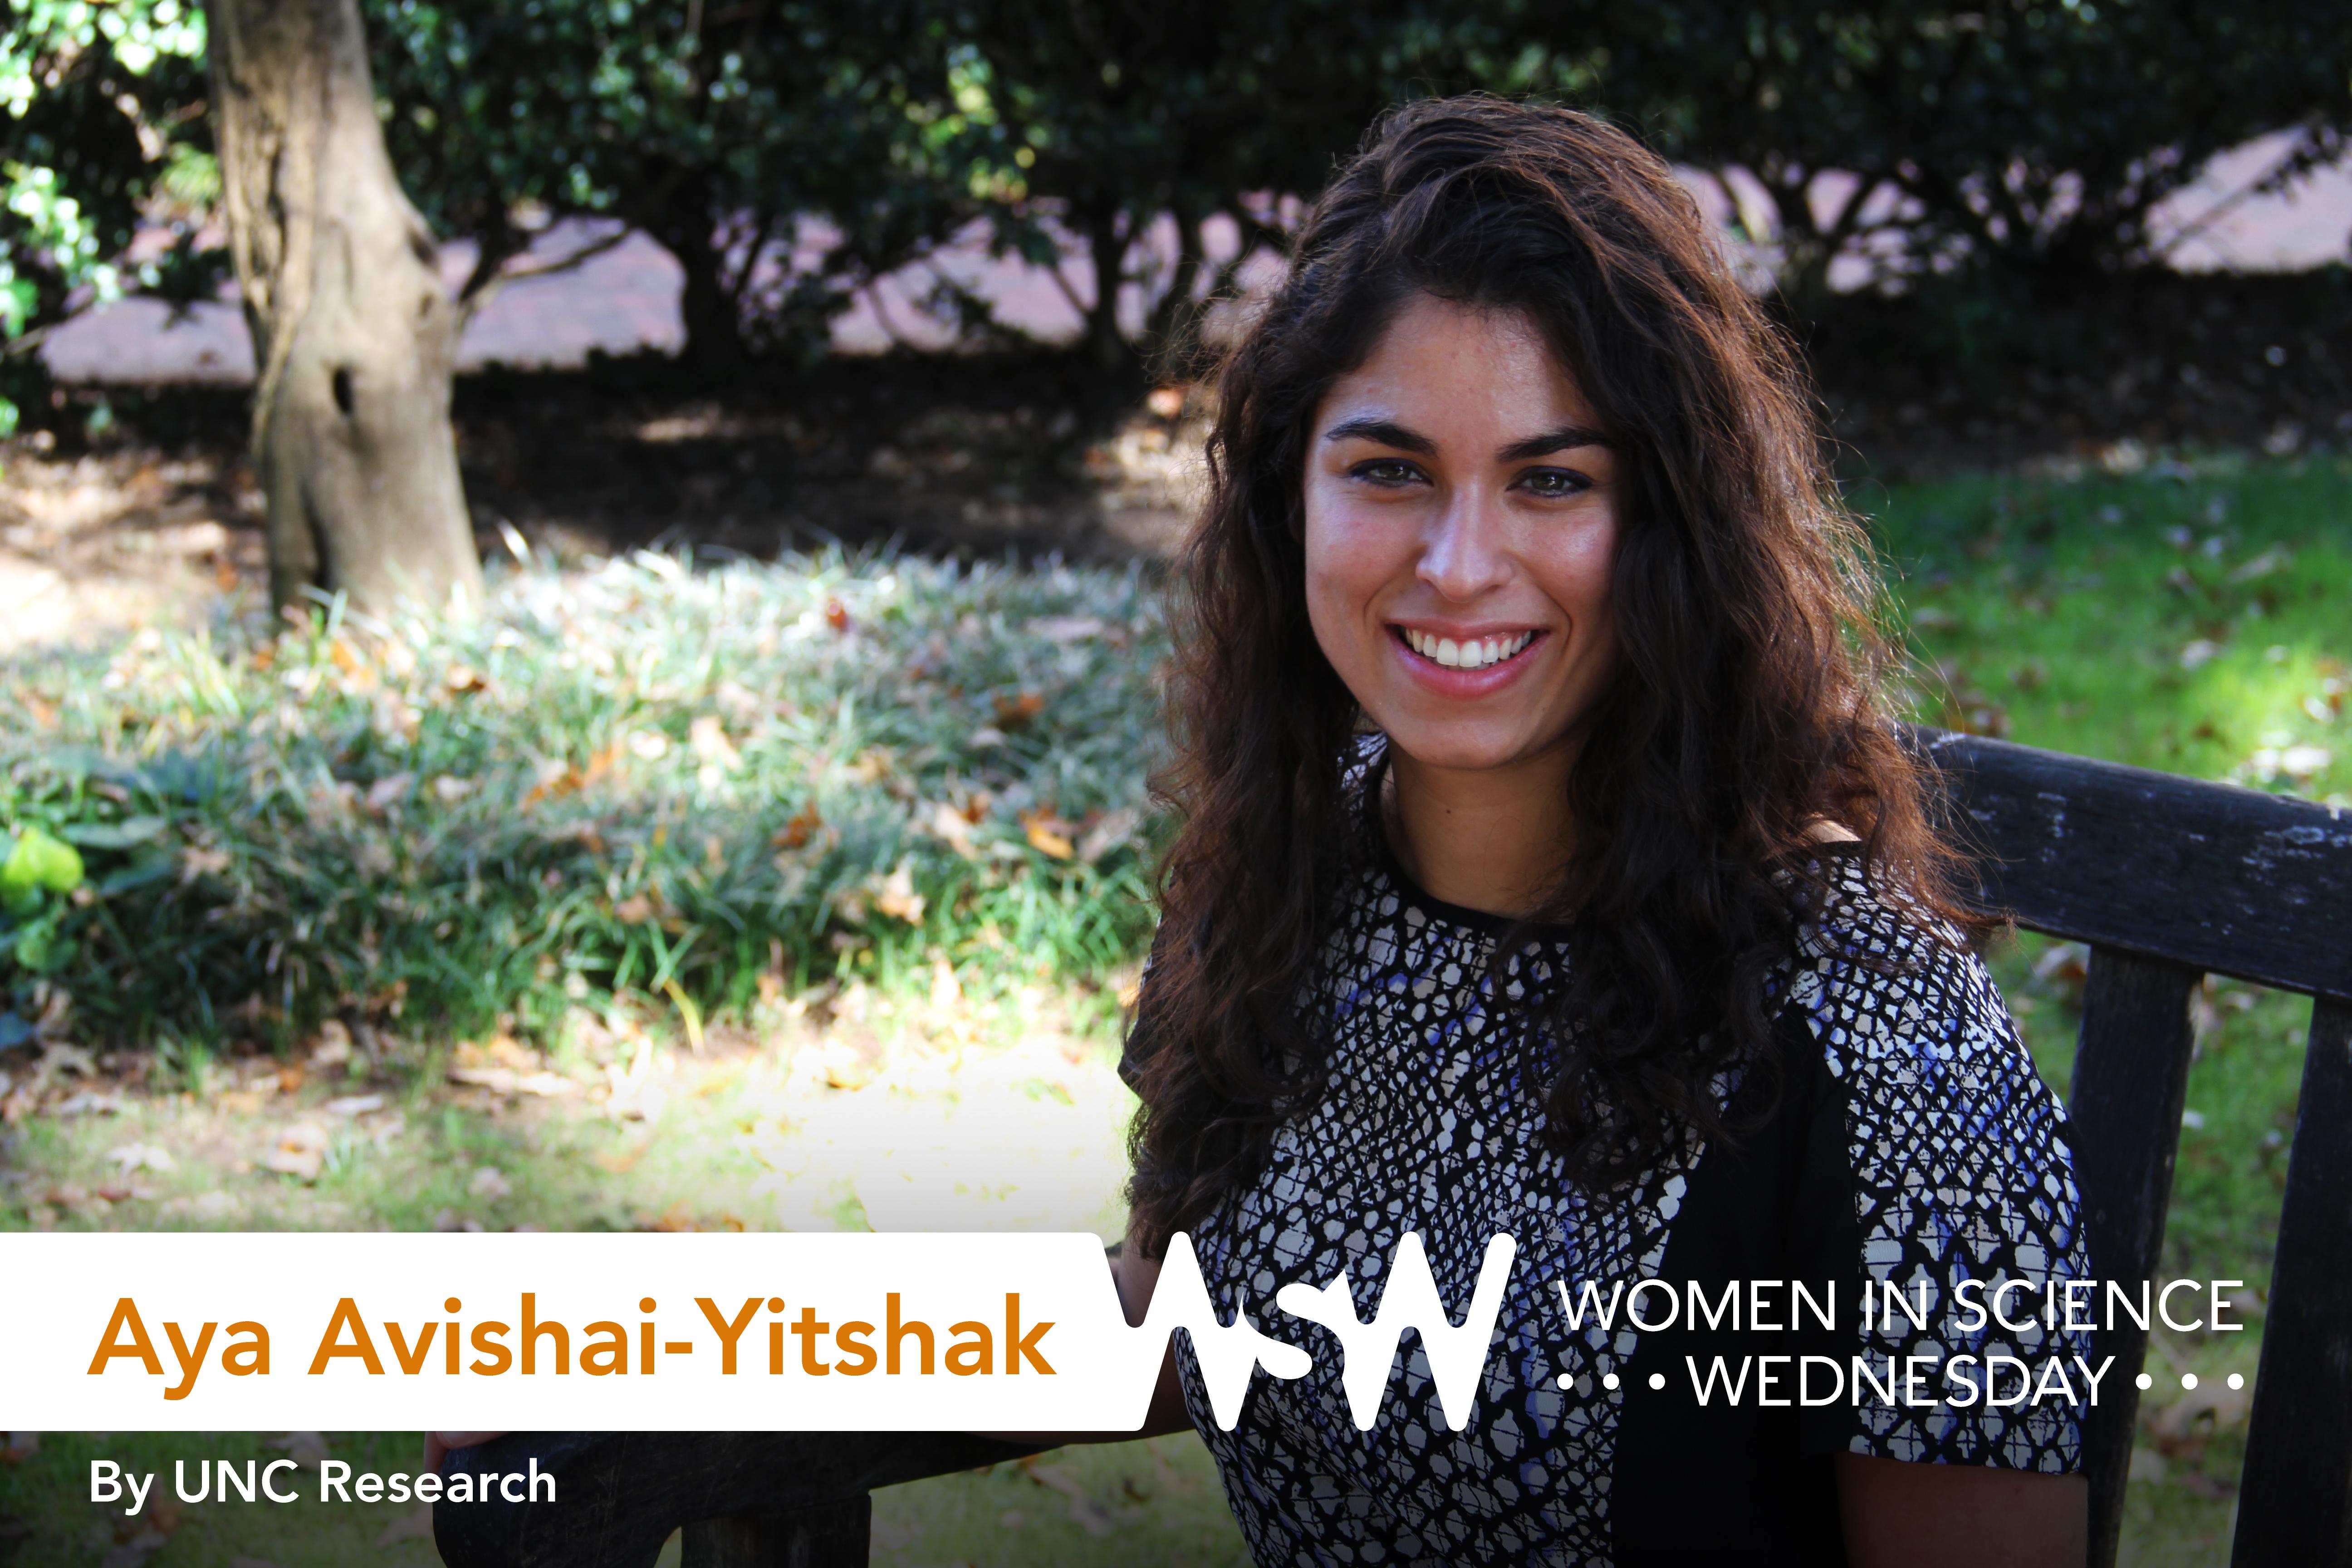 Aya Avashai Yitshak poses on campus.